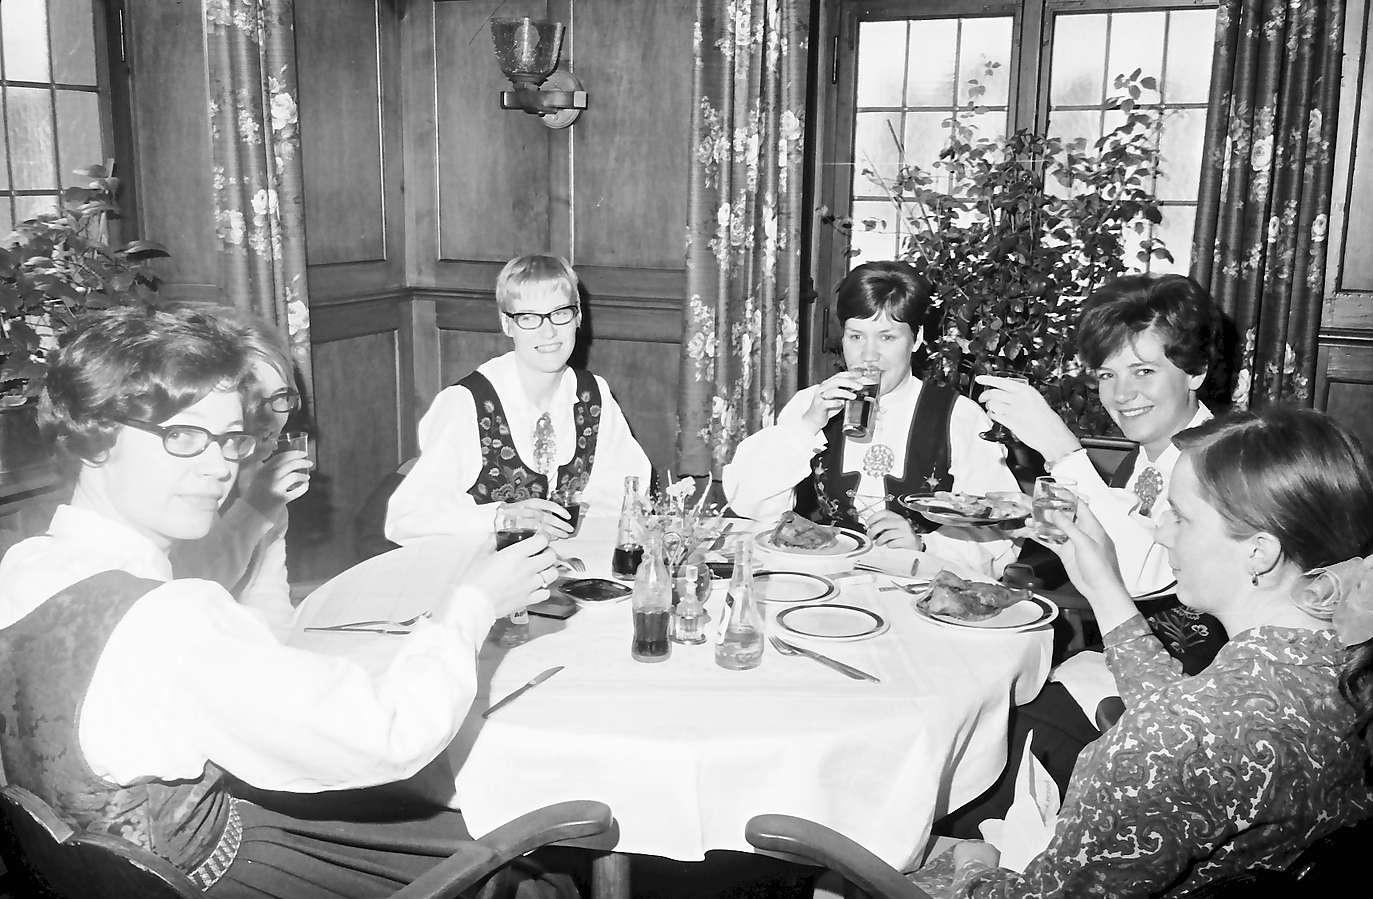 Staufen: Gruppe bei Tisch, Kreuz-Post, Bild 1